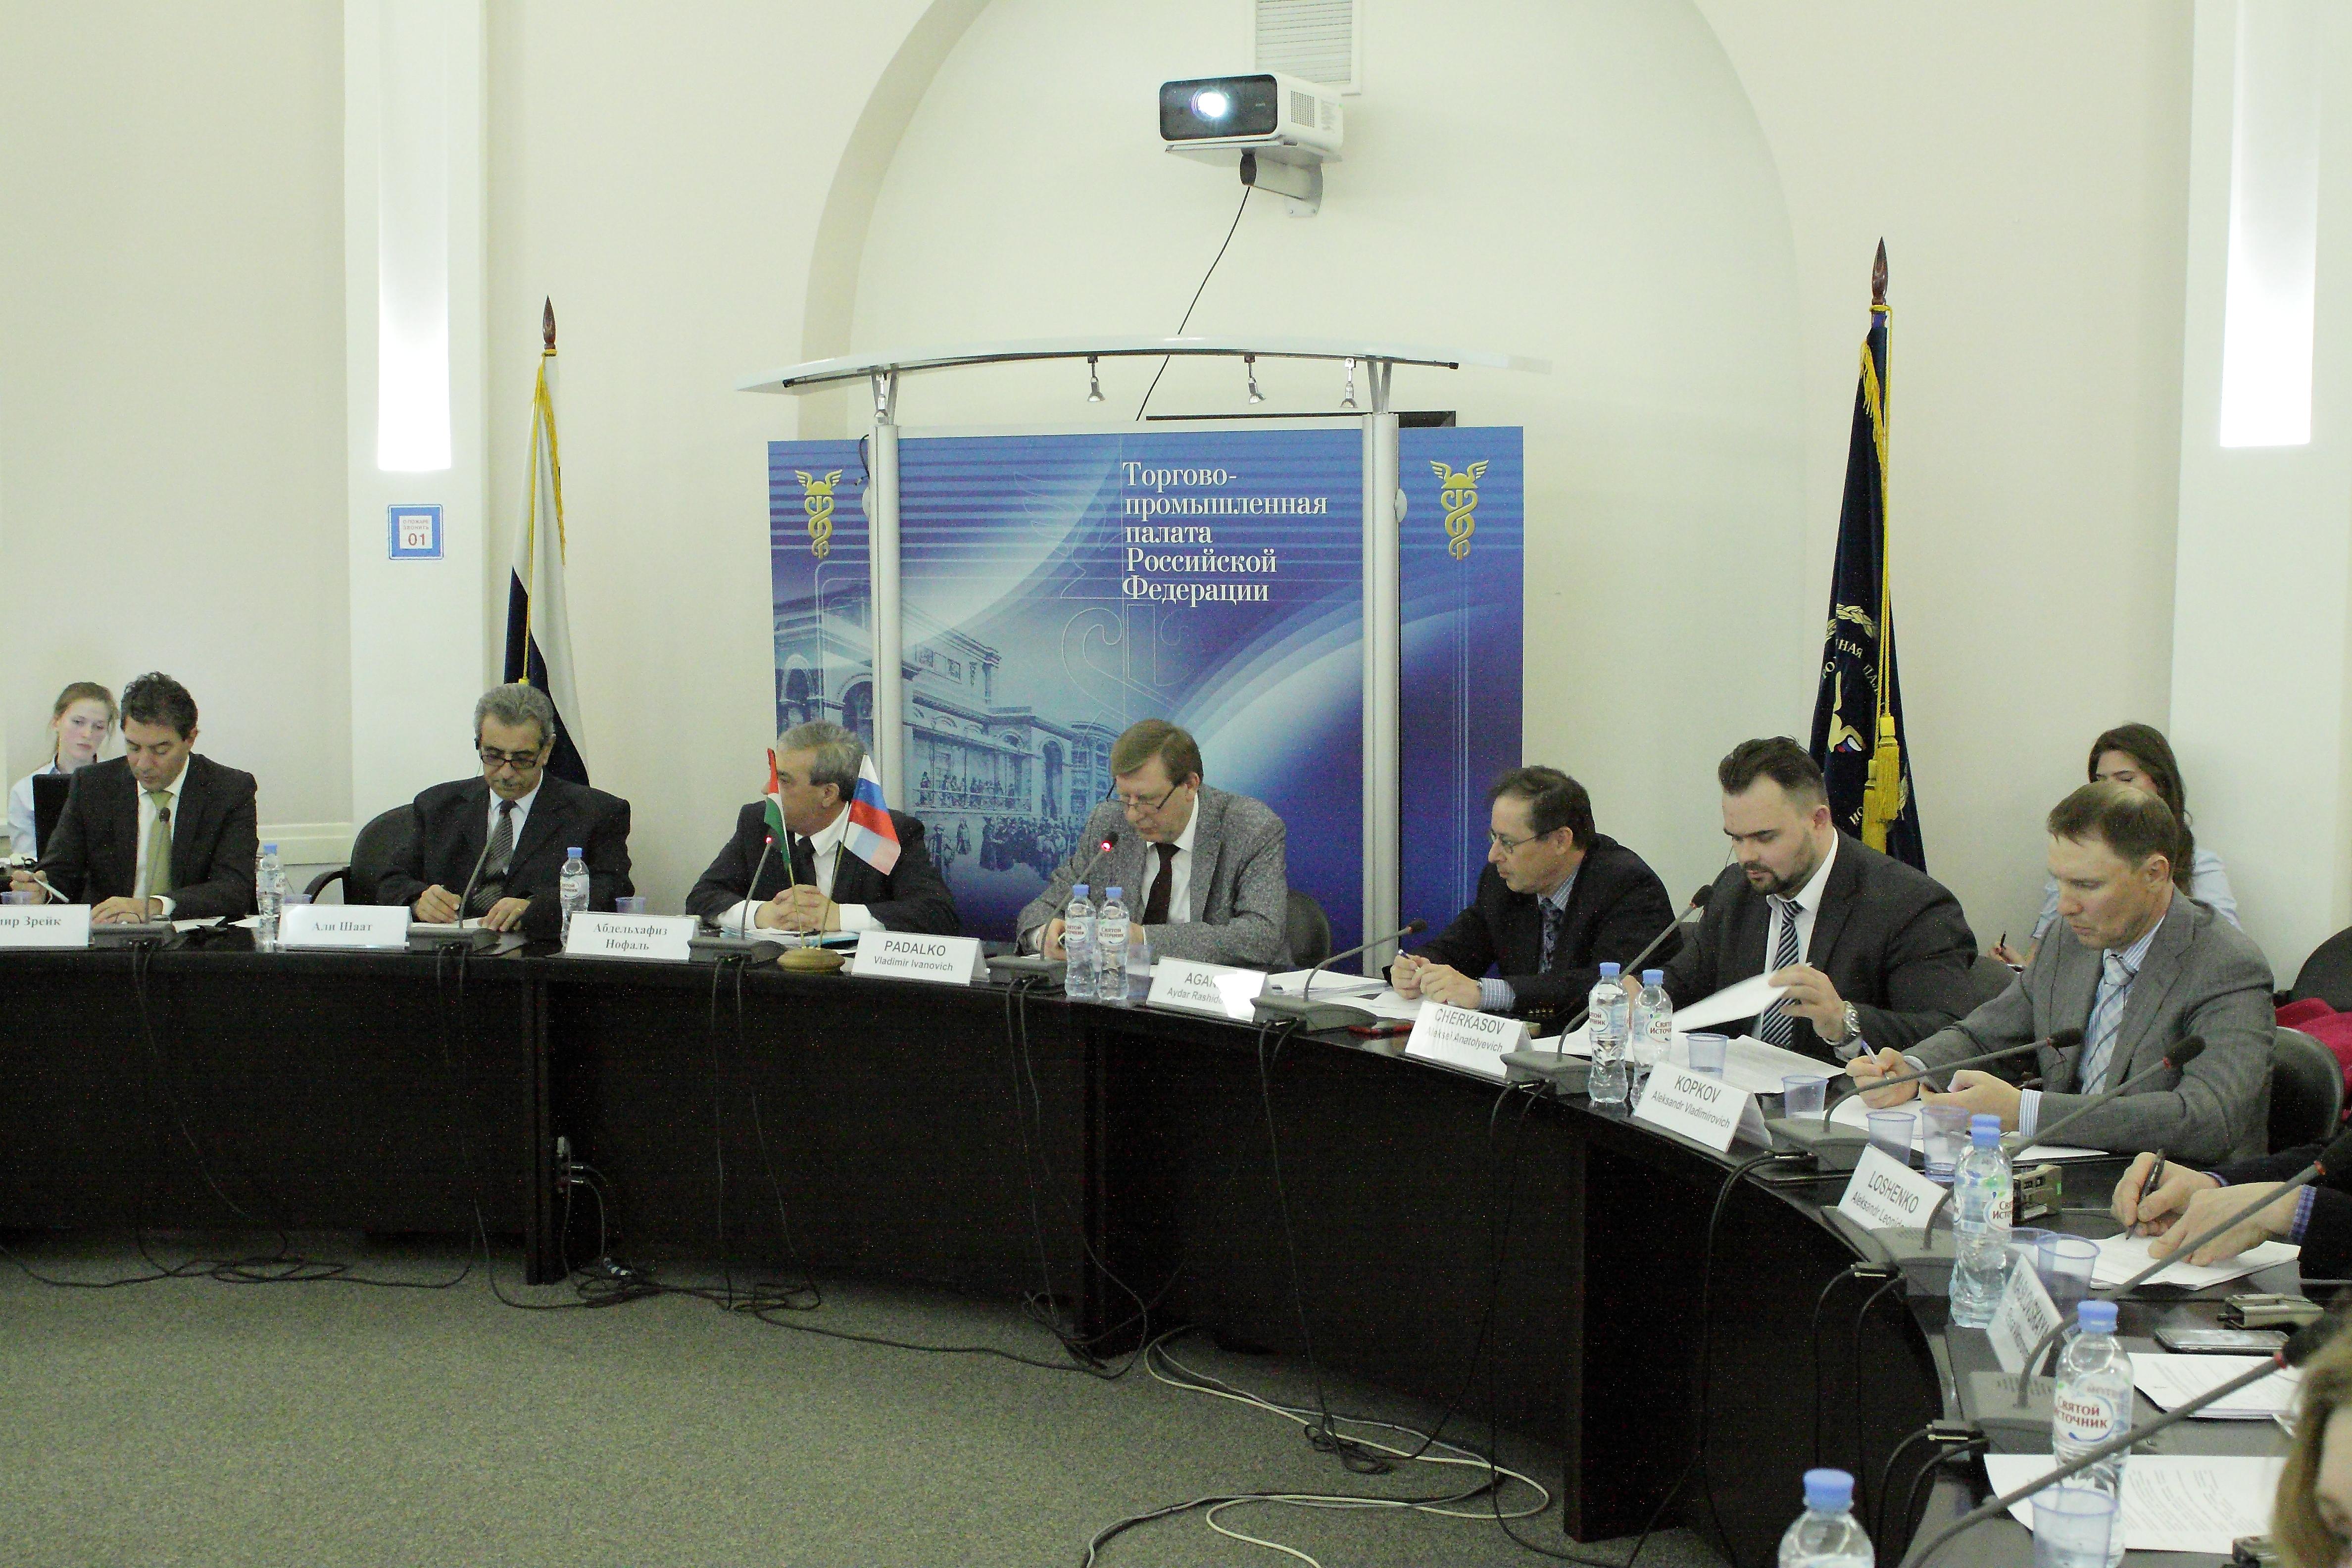 В ТПП РФ представители палестинских и российских деловых кругов наметили пути сотрудничества